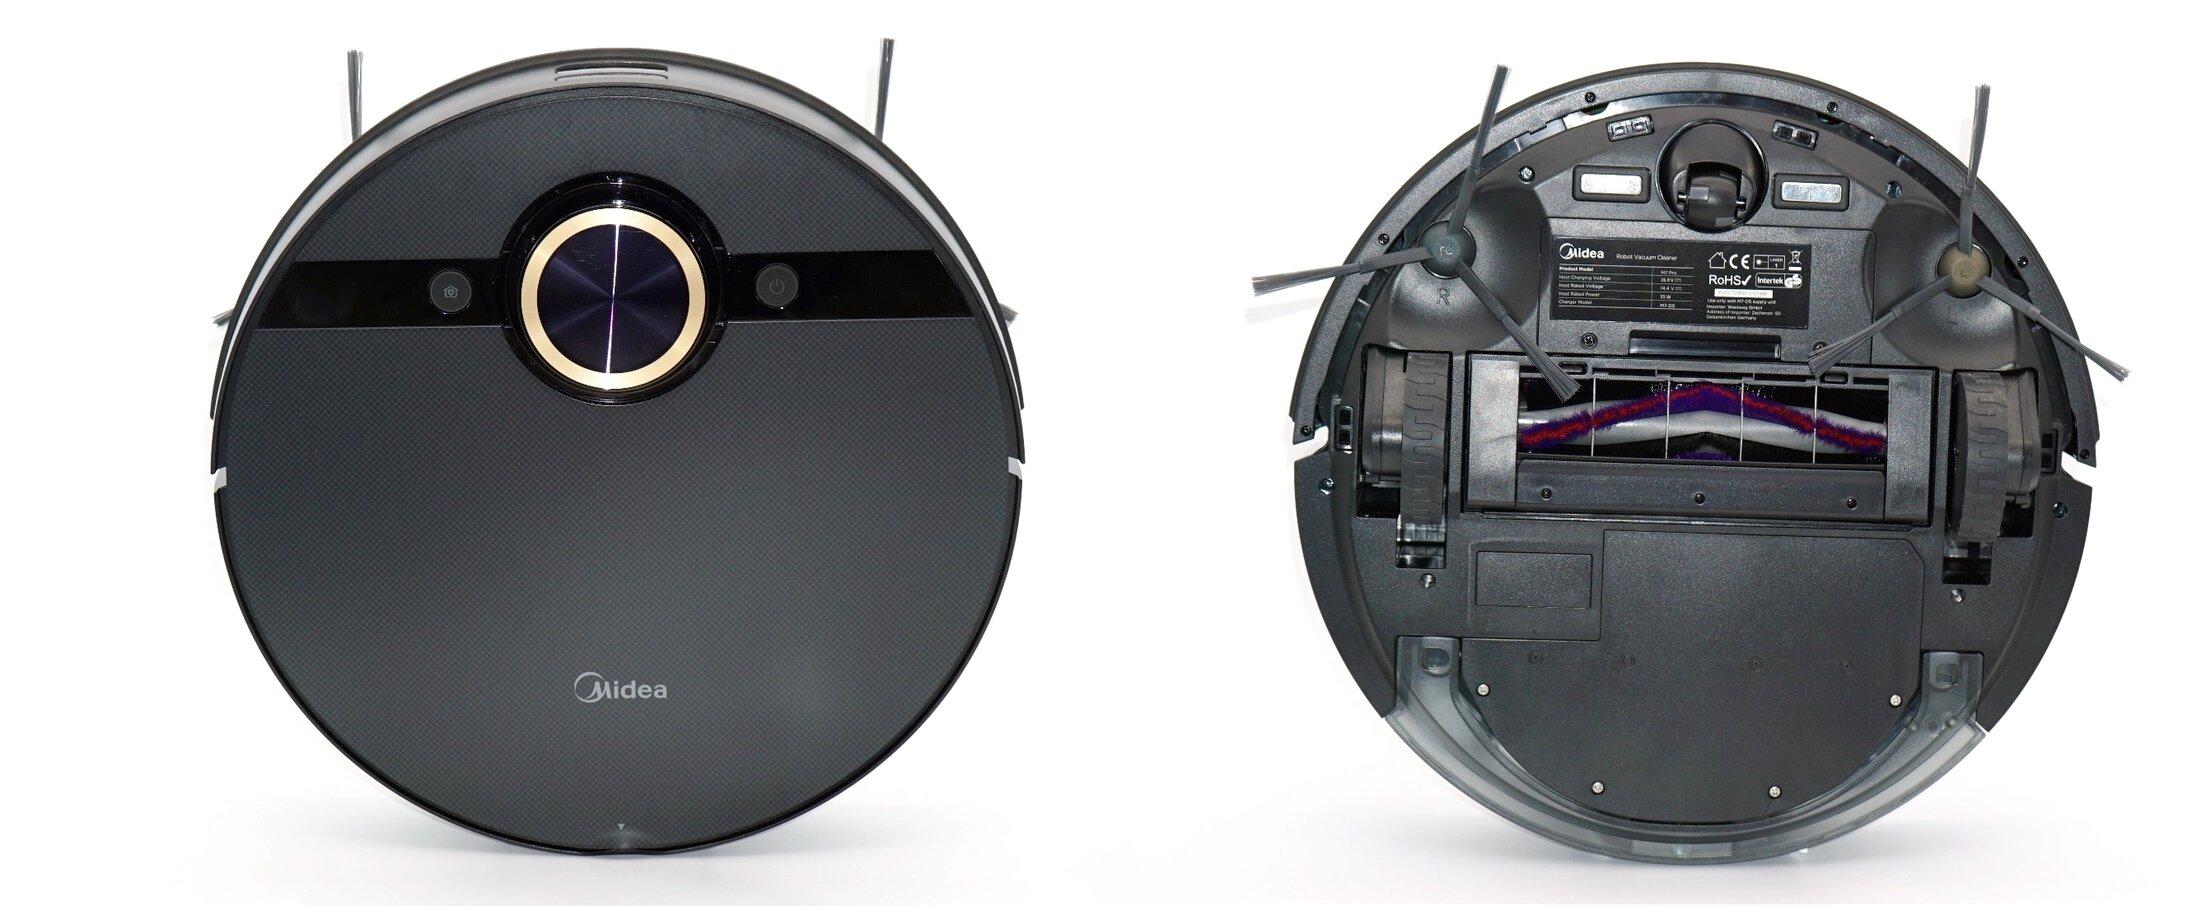 Midea M7 Pro Robot Vaccum Cleaner